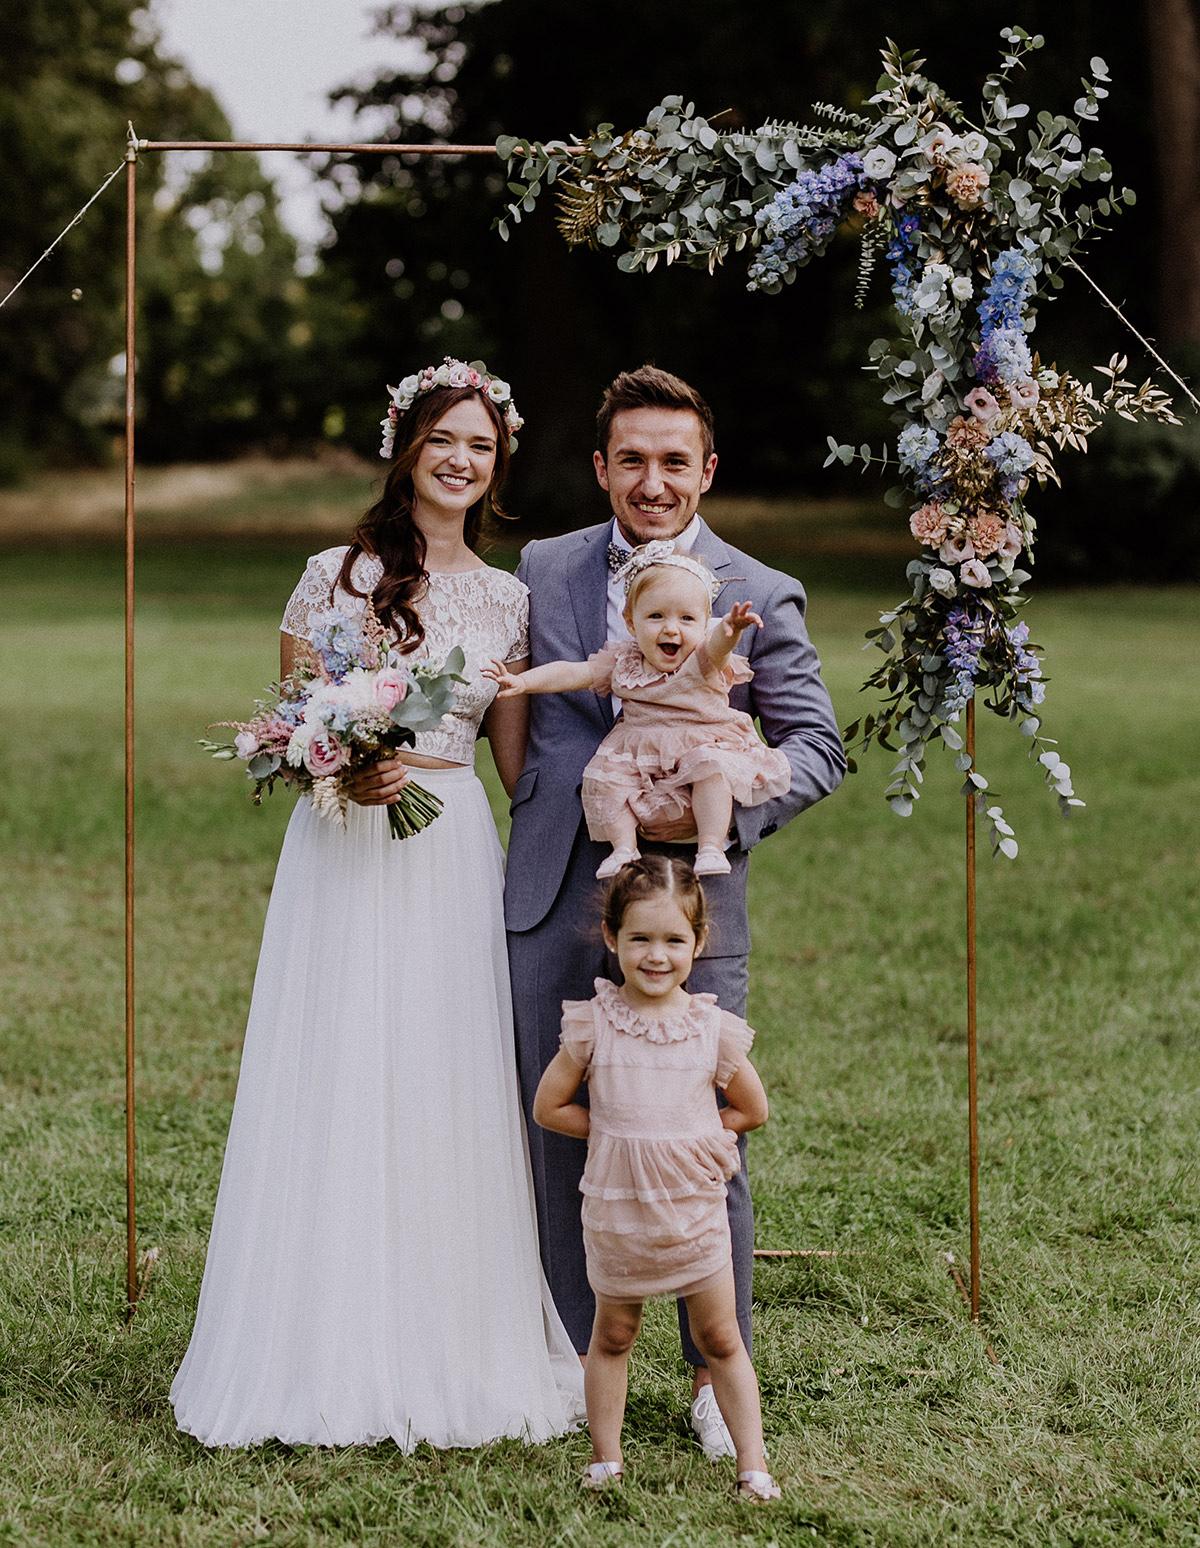 Familienfoto Brautpaar mit Kindern vor Traubogen aus Kupferrohr mit Blumenschmuck, Eukalyptus und Farn - Schloss Kartzow Potsdam Hochzeitsfotograf © www.hochzeitslicht.de